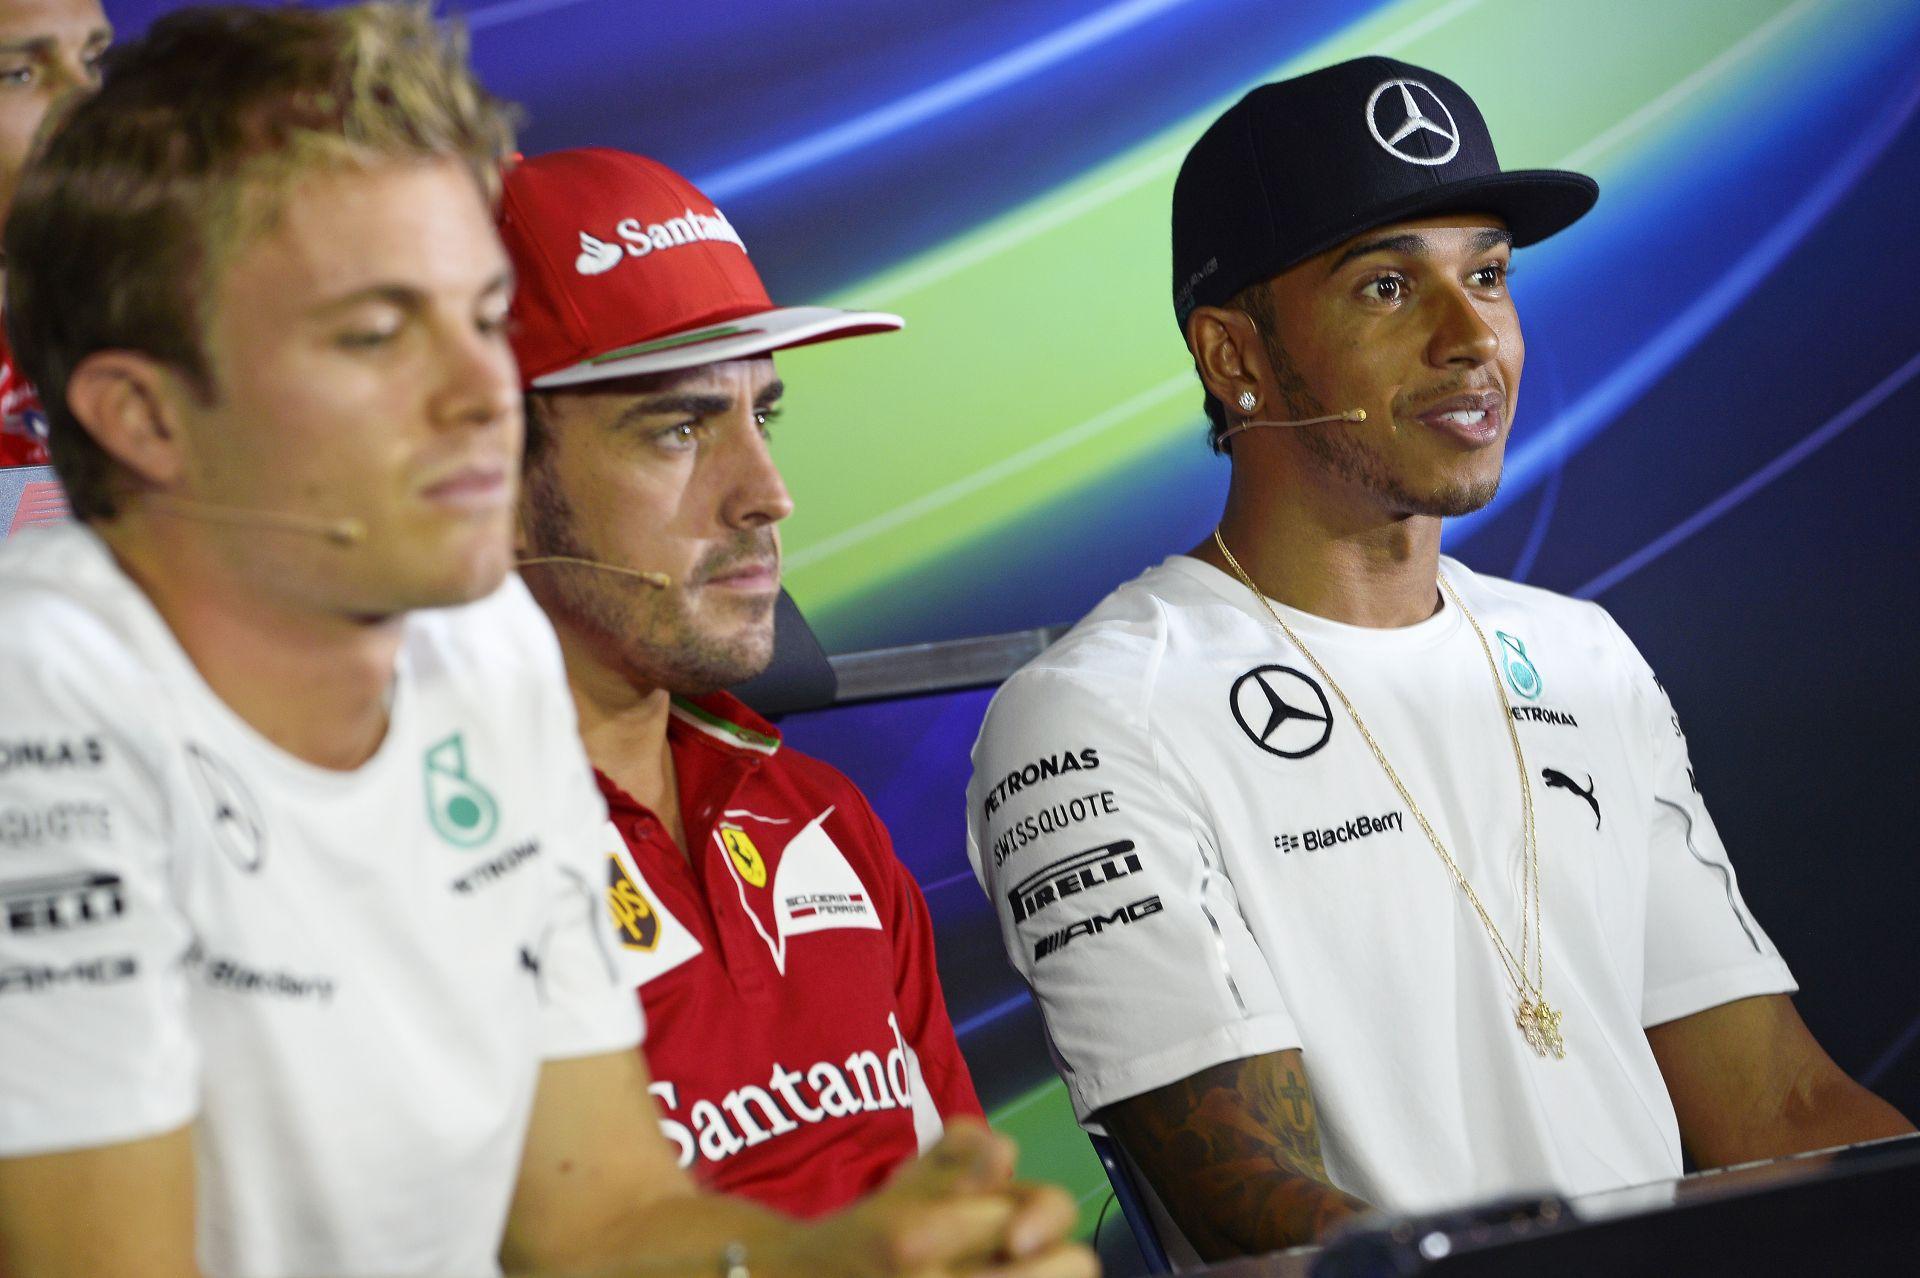 Hamilton a Ferrari, Alonso a Mercedes versenyzője lenne jövőre? Az egyik legnagyobb durranás lenne a Forma-1 történetében